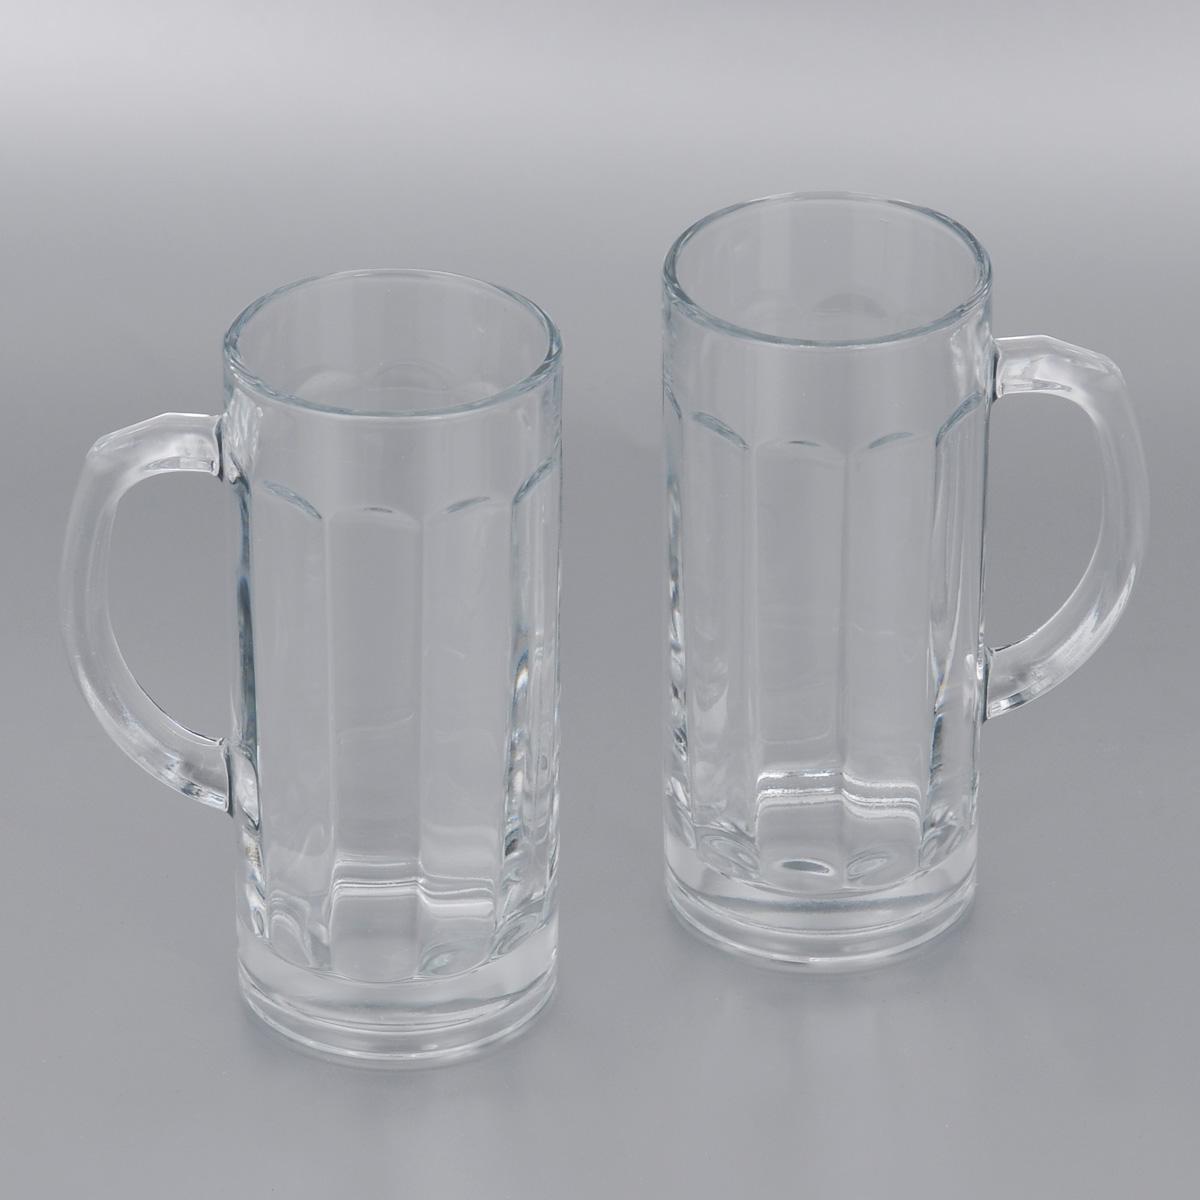 Набор пивных кружек Pasabahce Pub, 380 мл, 2 шт. 55109B55109BНабор Pasabahce Pub состоит из двух пивных кружек, выполненных из прочного натрий-кальций-силикатного стекла. Внутри изделия оснащены рельефной многогранной поверхностью. Кружки оснащены удобными ручками и утолщенным дном. Такой набор прекрасно подойдет для любителей пенного напитка.Можно мыть в посудомоечной машине и использовать в микроволновой печи.Высота кружки: 16,5 см.Диаметр кружки (по верхнему краю): 7 см. 380 мл